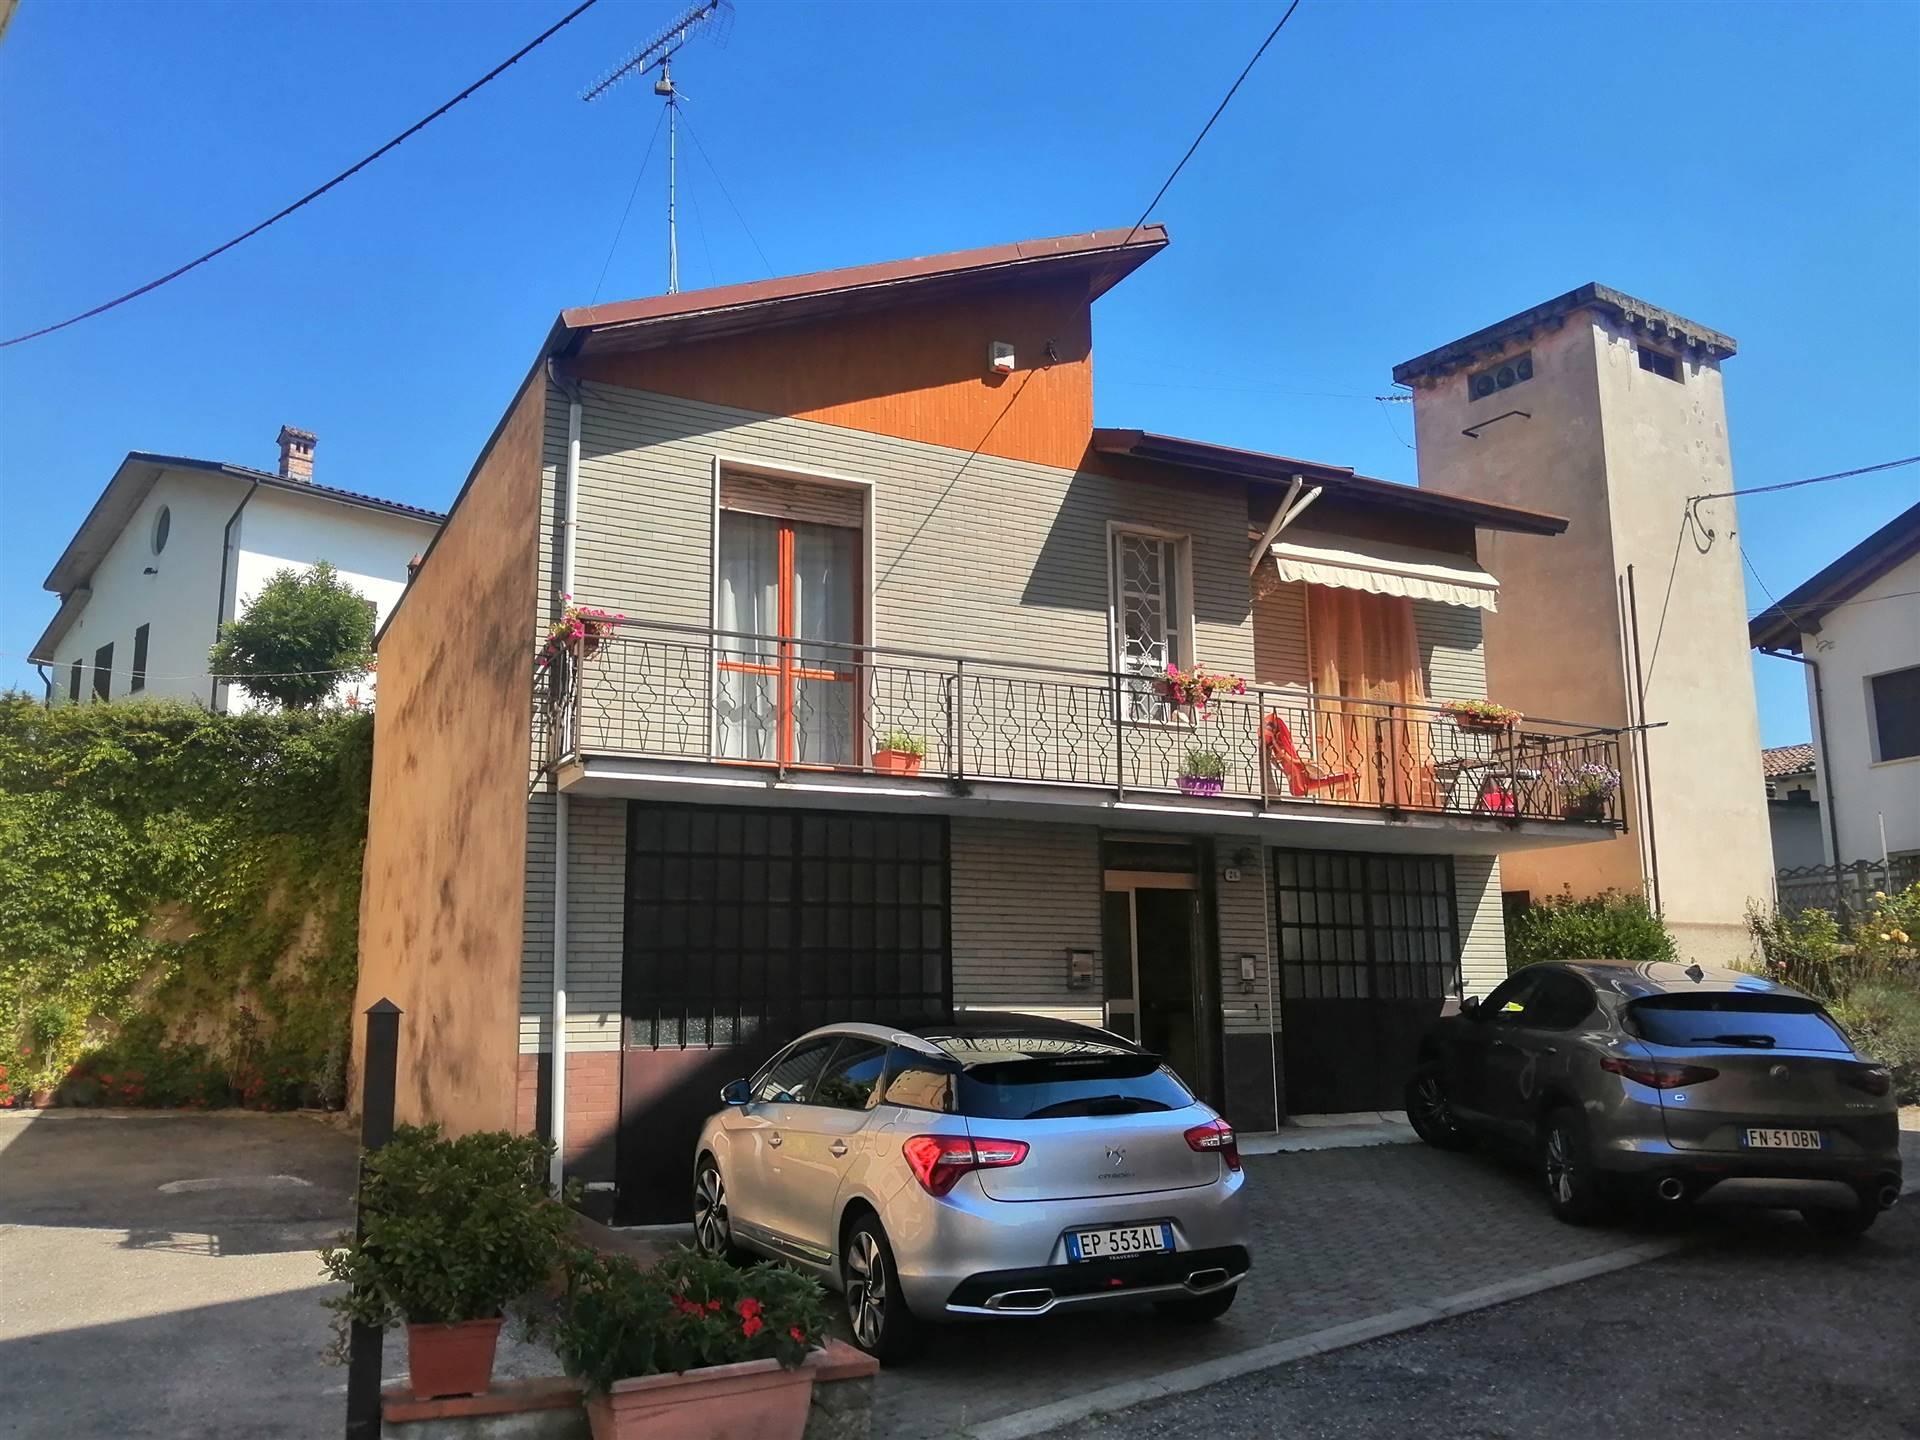 Villa in vendita a Cassano Spinola, 5 locali, prezzo € 149.000 | CambioCasa.it